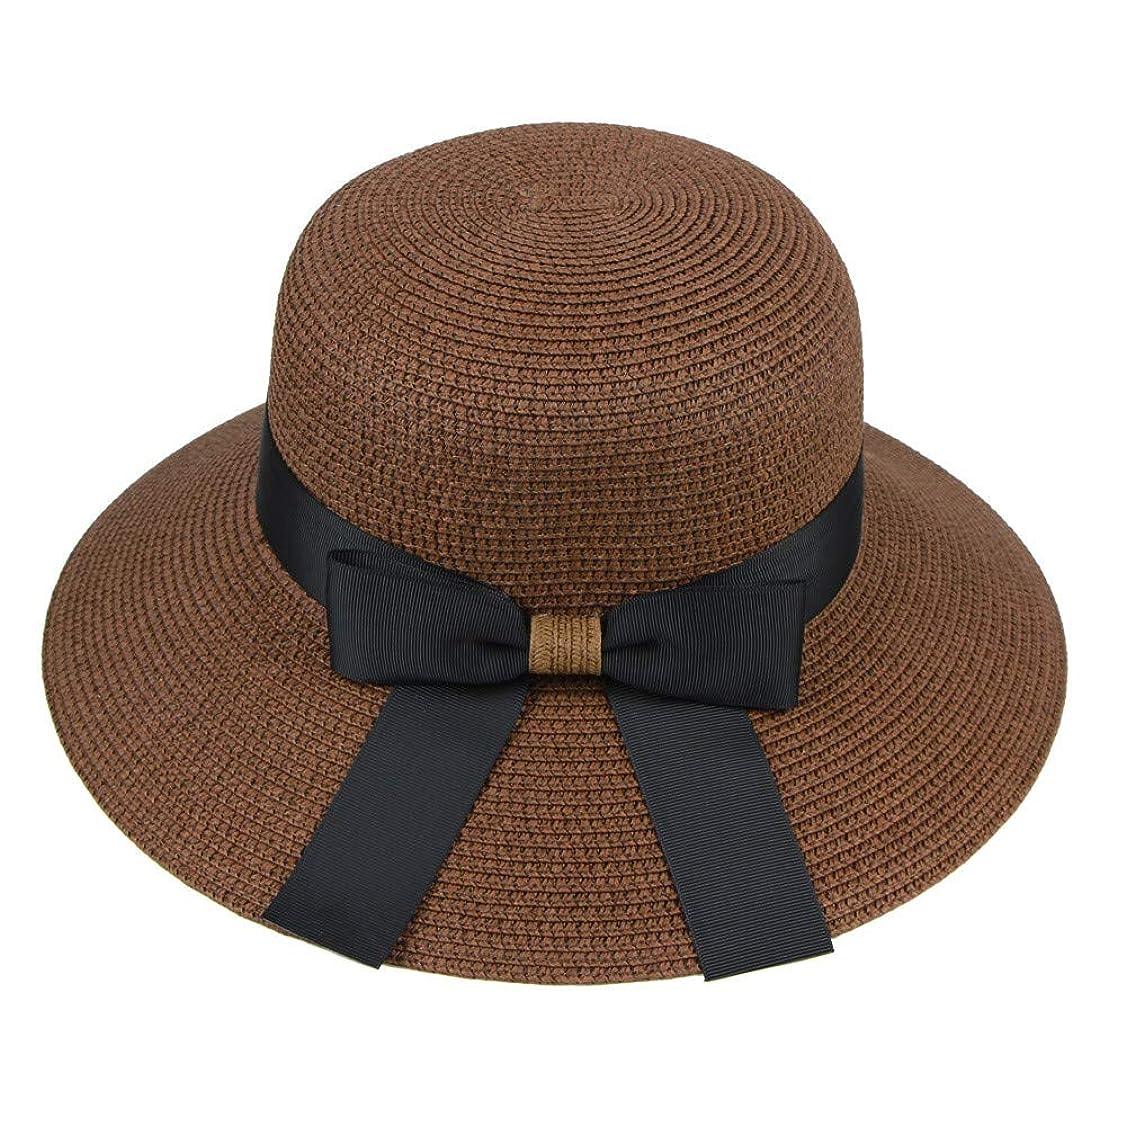 コモランマチラチラするスリム漁師帽 帽子 レディース UVカット 帽子 夏季 海 旅行 UV帽子 日焼け防止 つば広 取り外すあご紐 おしゃれ 可愛い ワイルド カジュアル スタイル ファッション シンプル 夏 ビーチ 必須 小顔効果 ROSE ROMAN